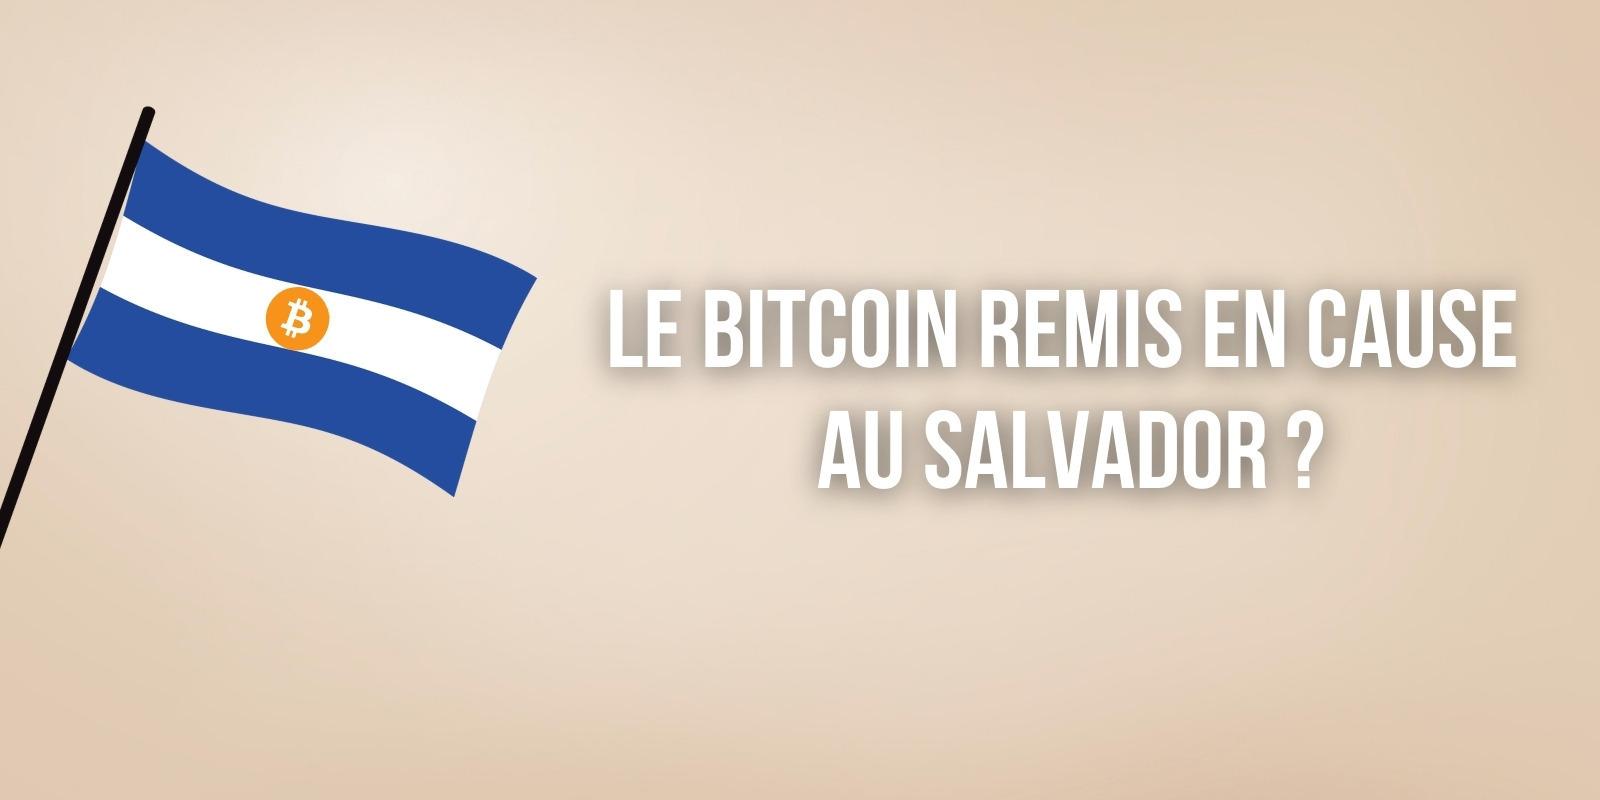 Le président du Salvador précise que personne ne sera obligé d'utiliser le Bitcoin (BTC)